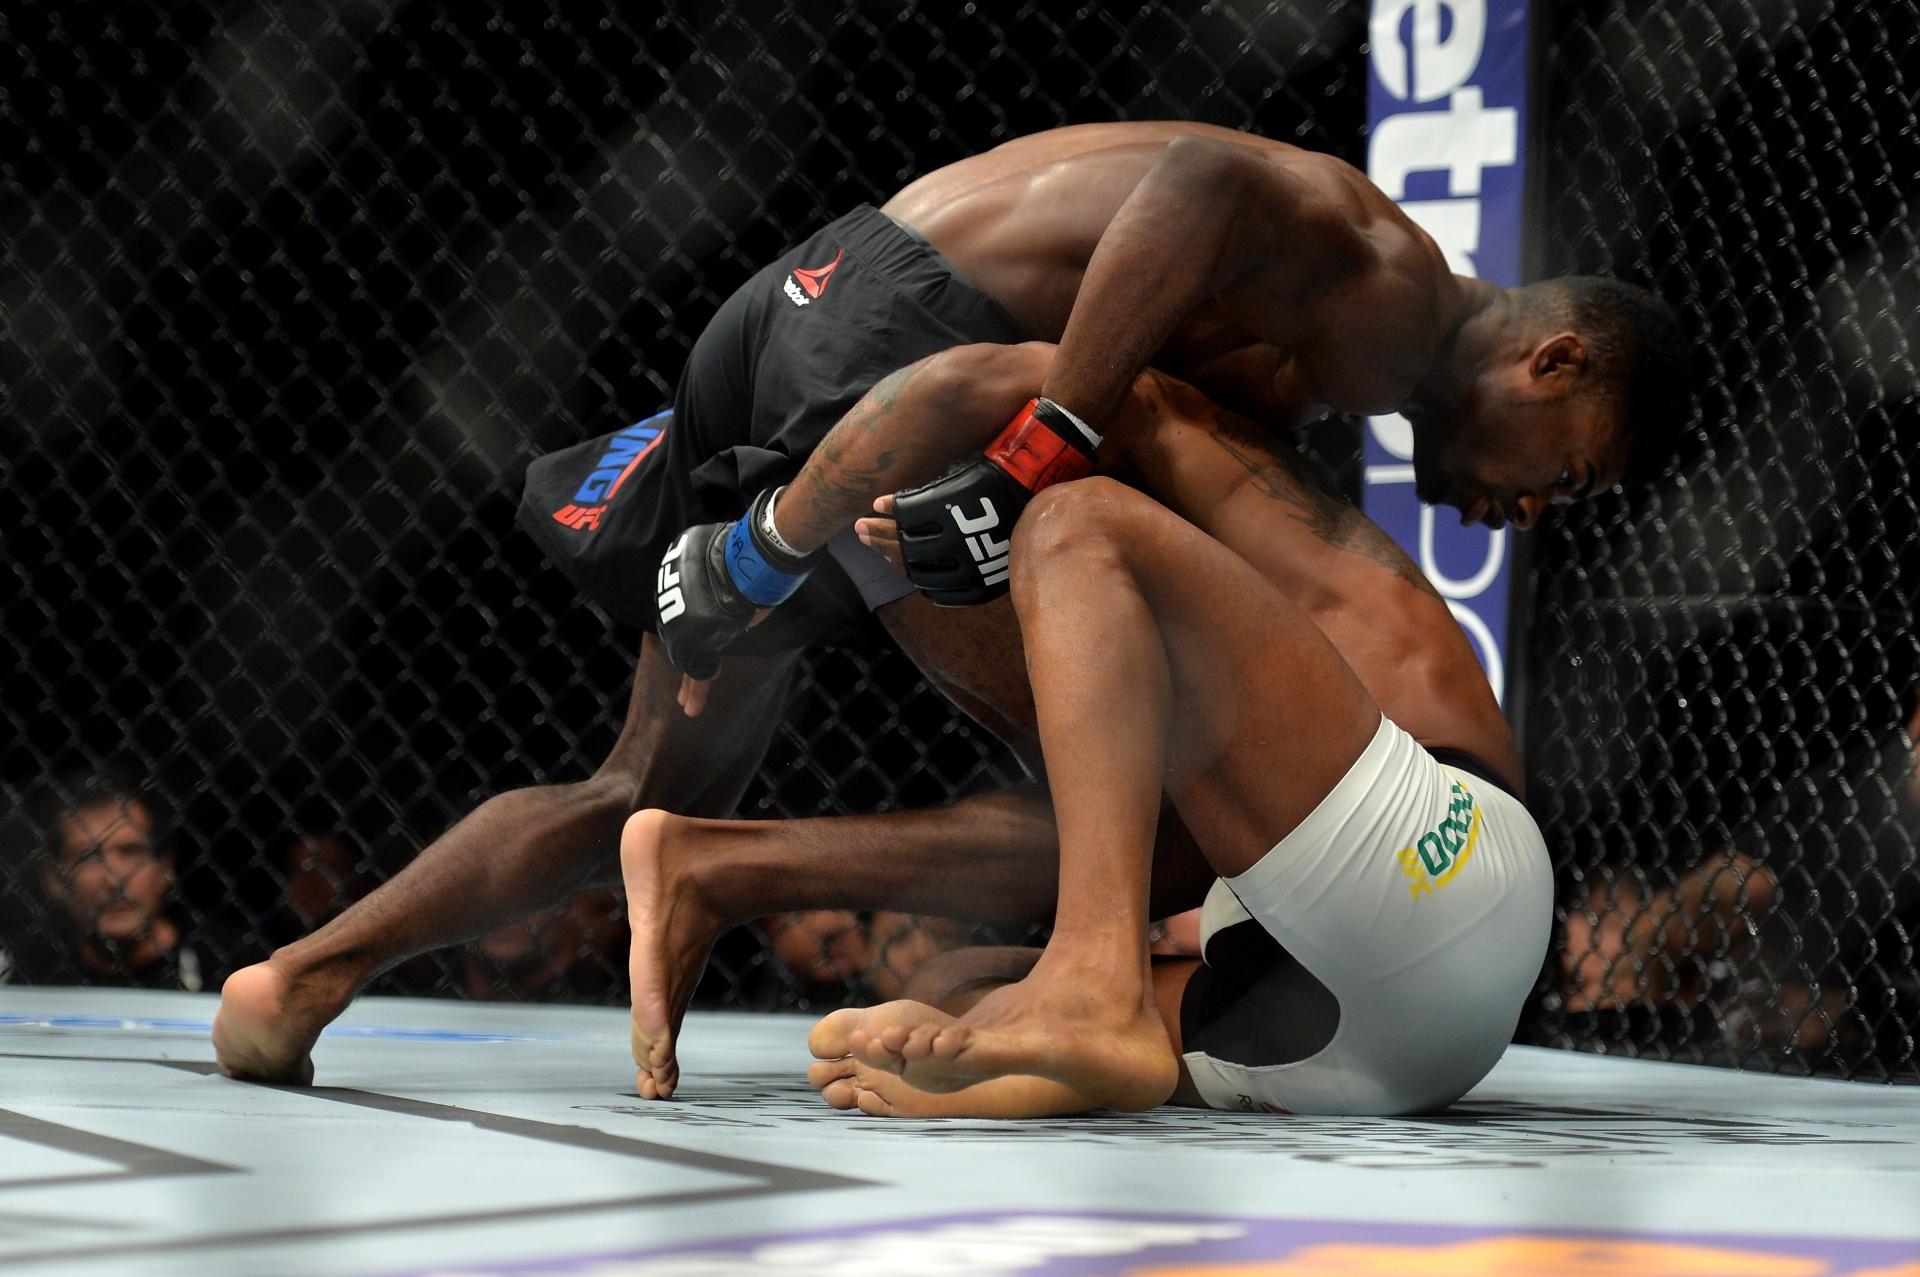 Aljamain Sterling venceu o brasileiro Johnny Eduardo por finalização no UFC Fight Night